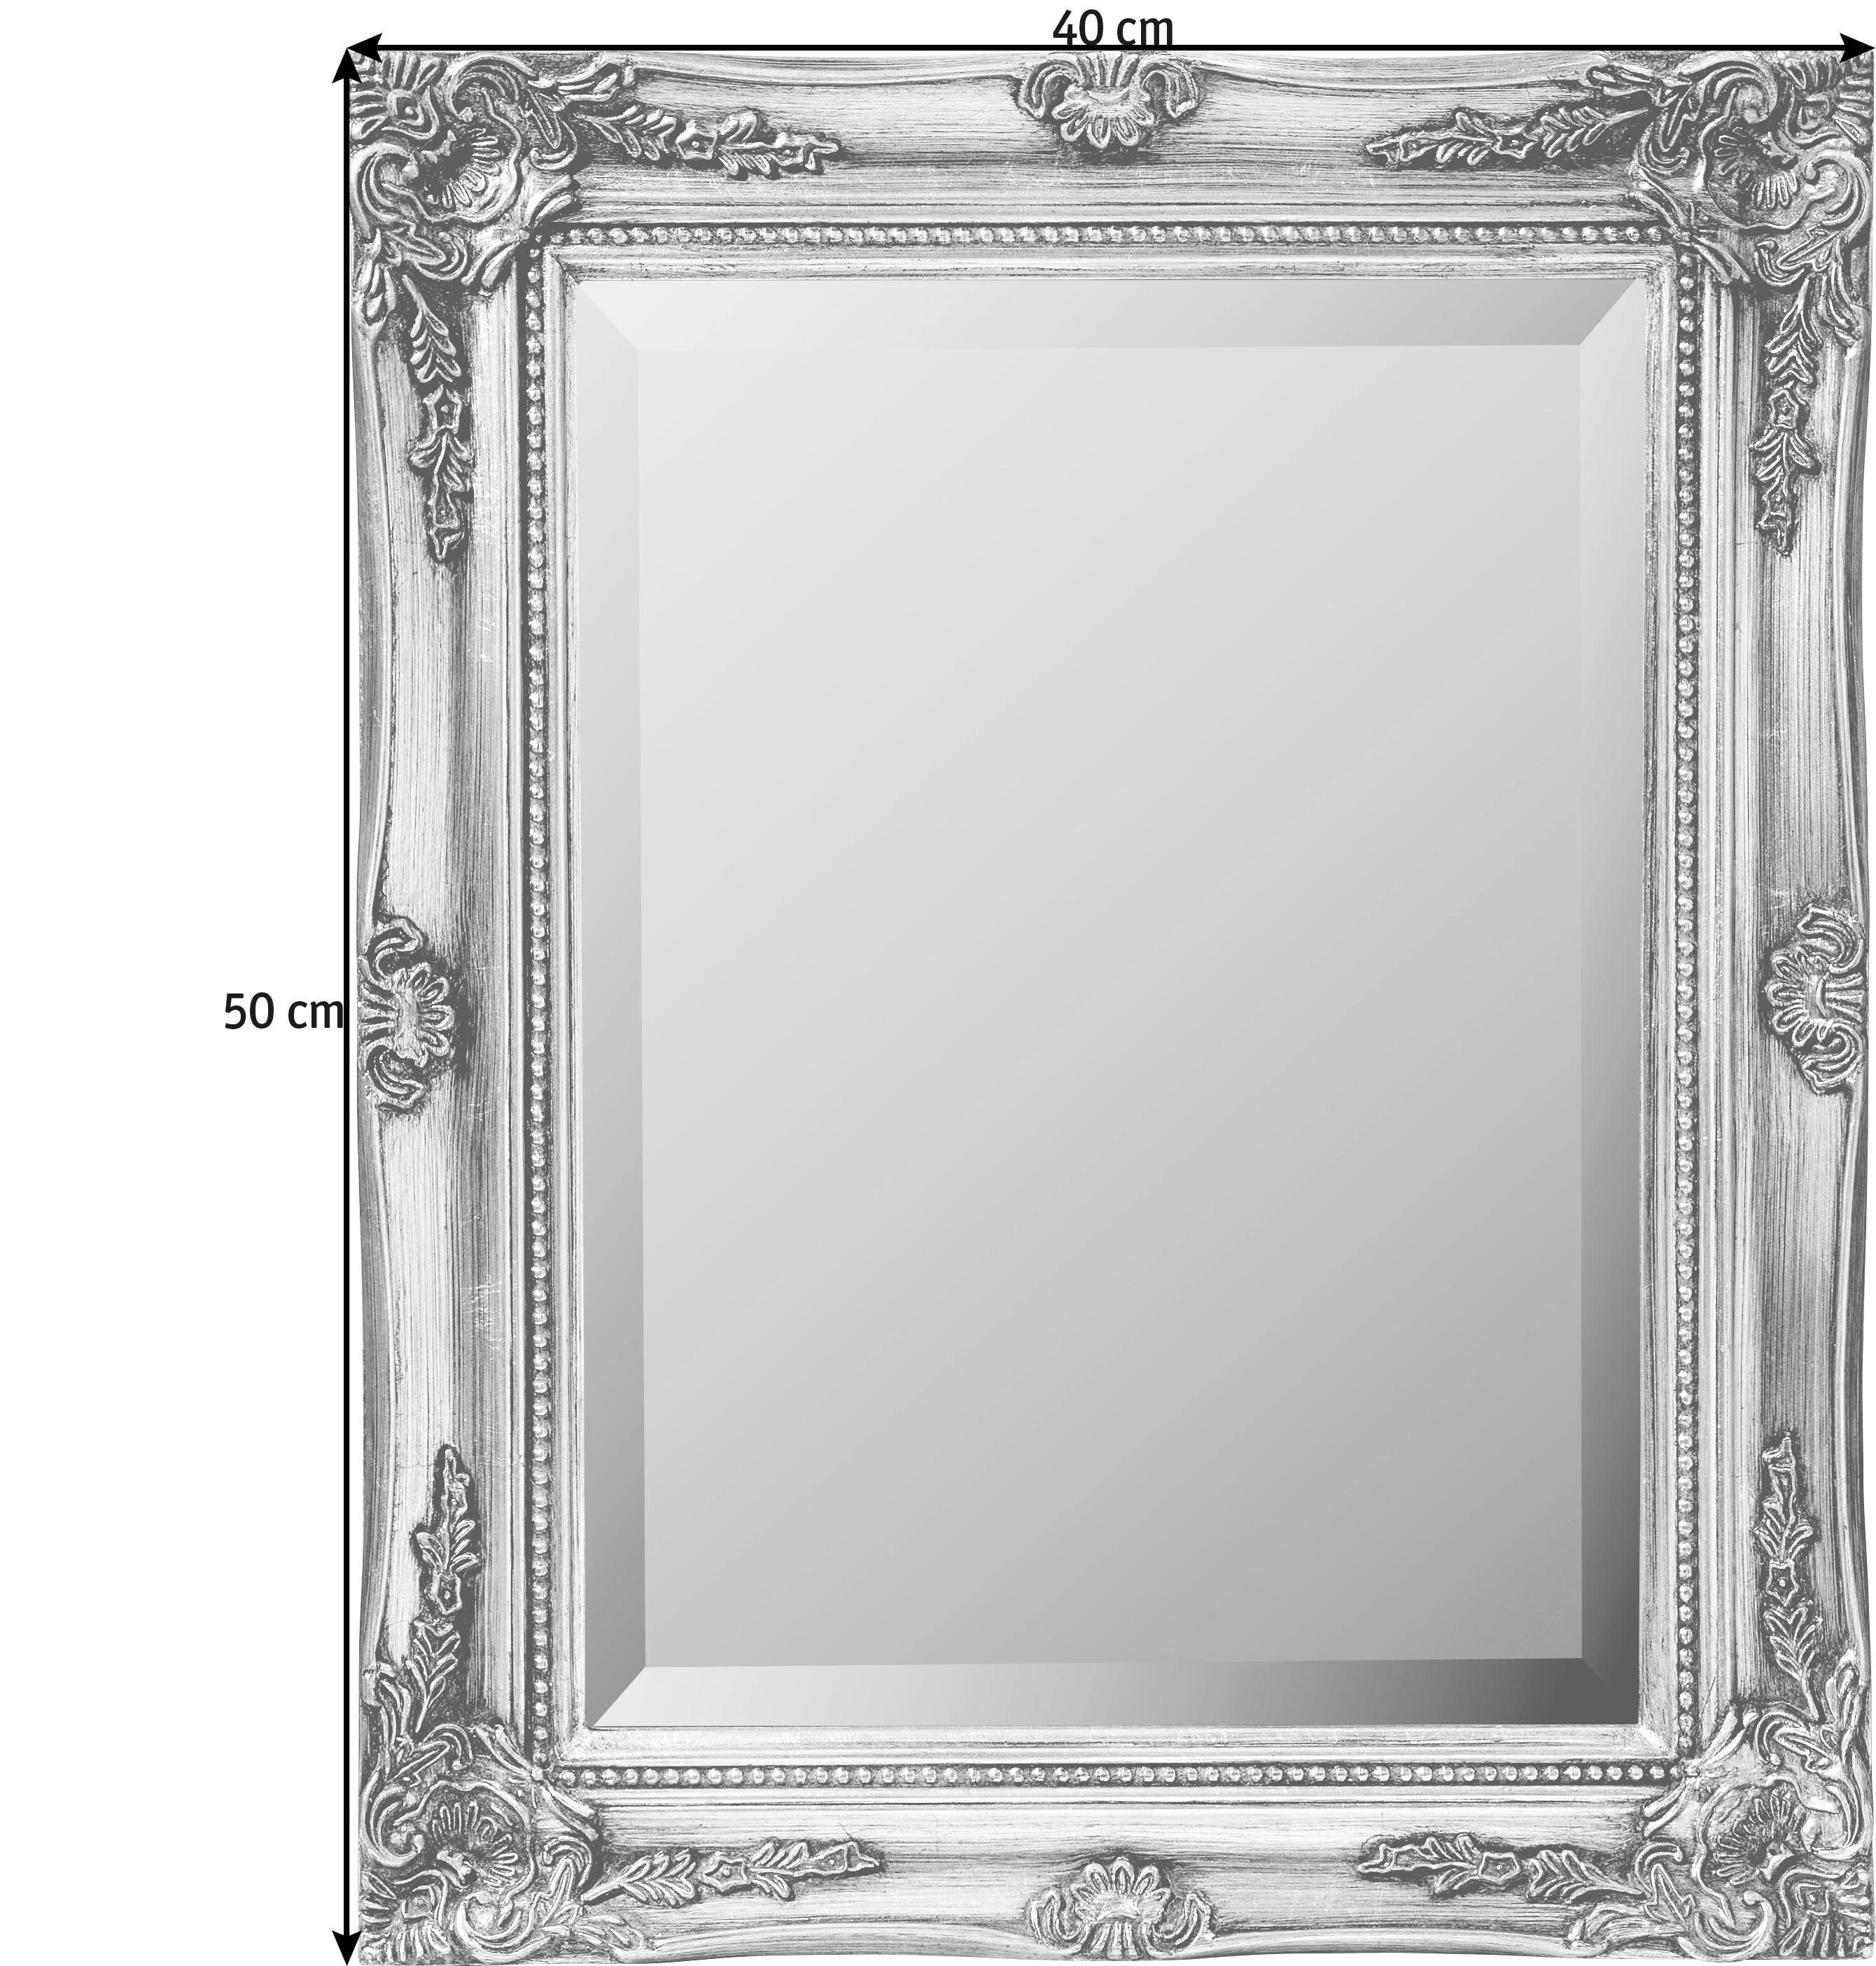 SPIEGEL - Silberfarben, LIFESTYLE, Holz (40/50cm) - LANDSCAPE